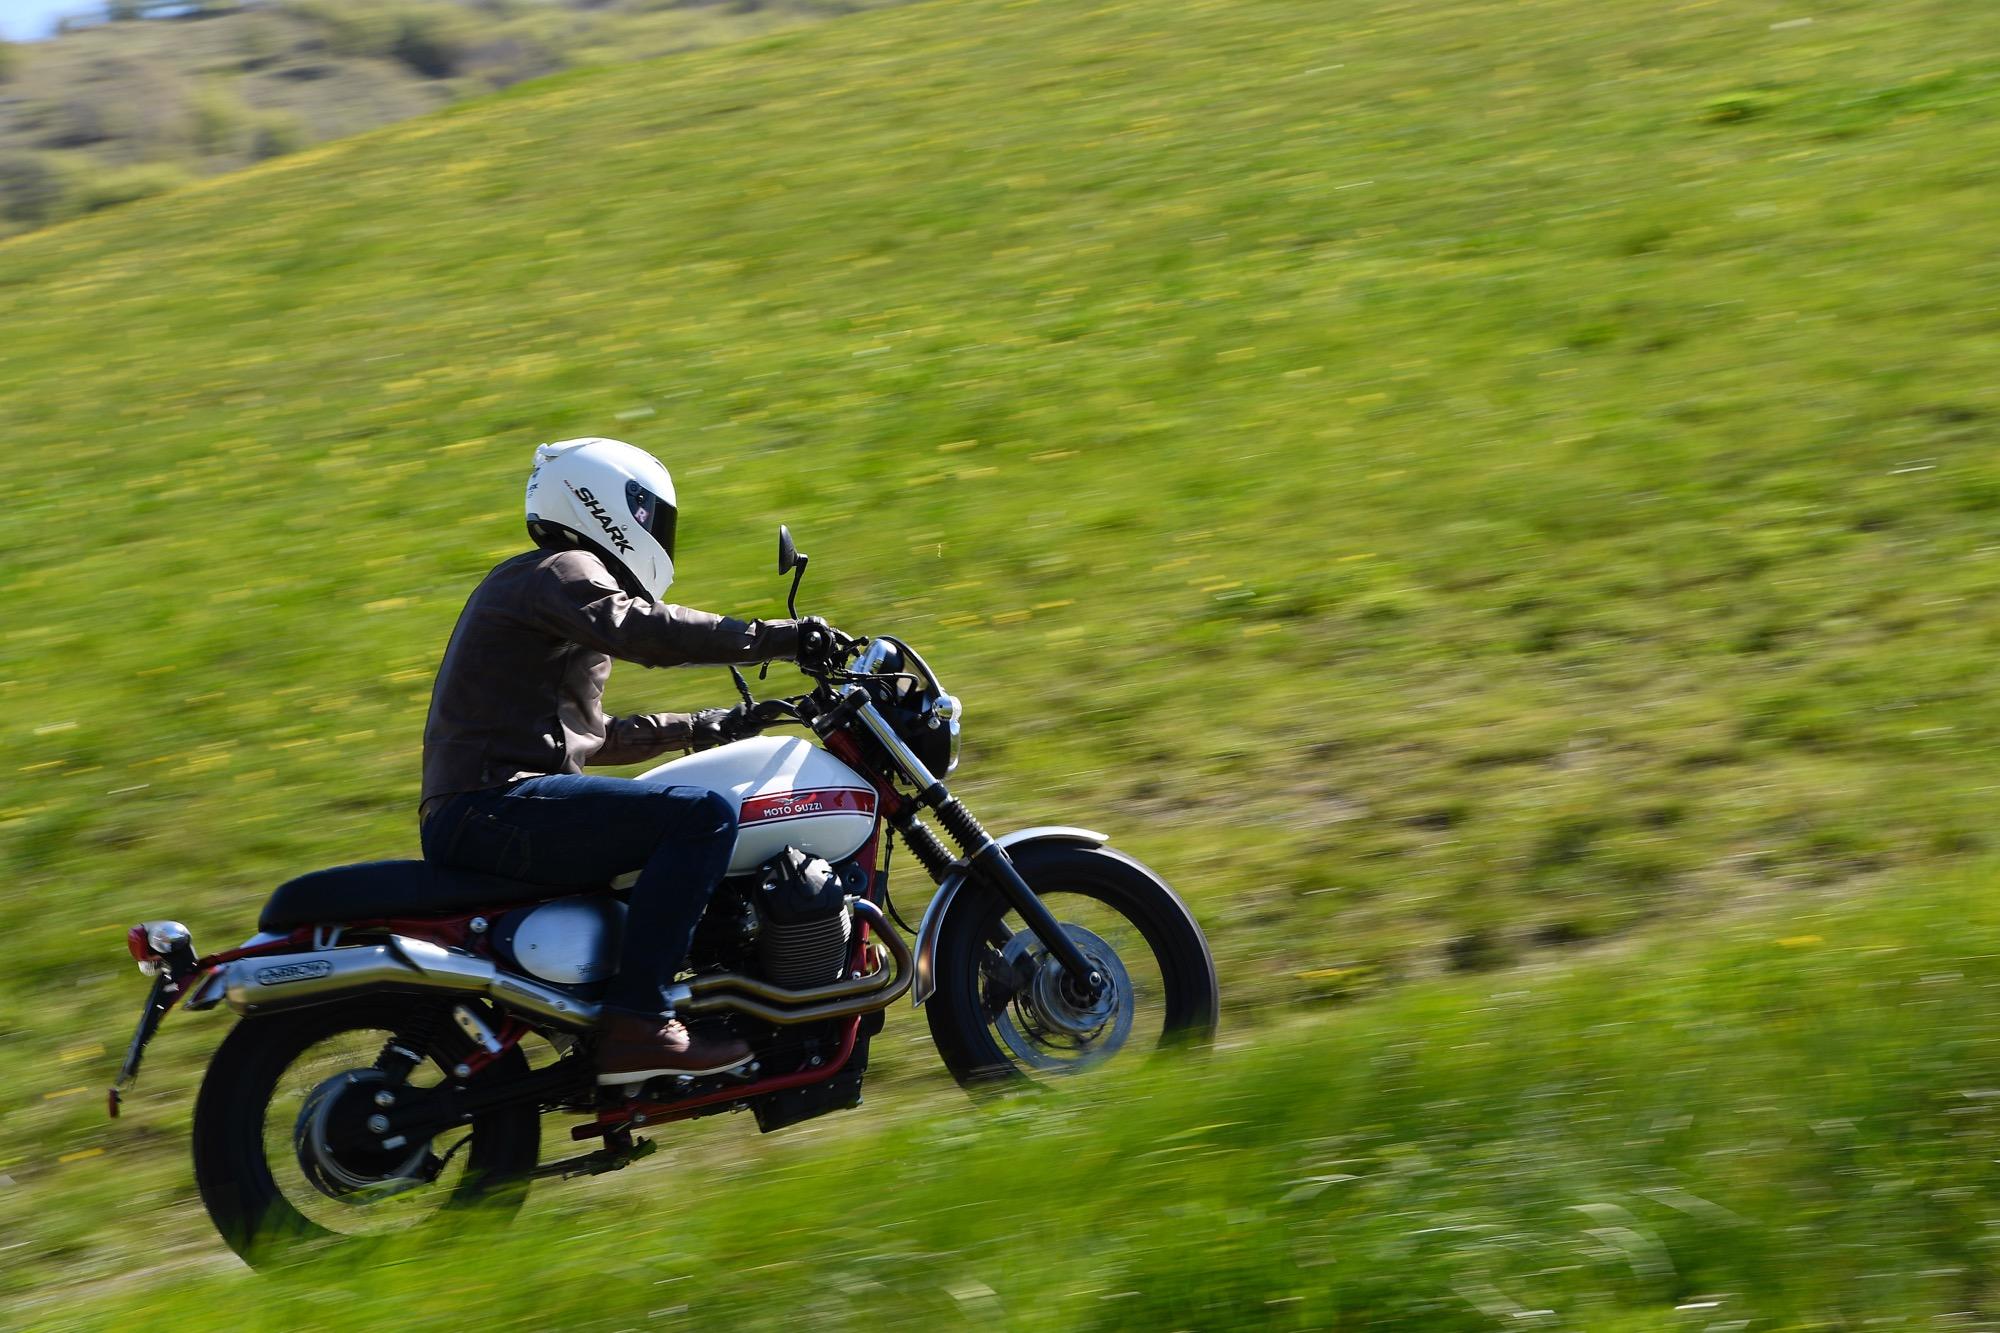 Prova Moto Guzzi V7 Stornello   Test